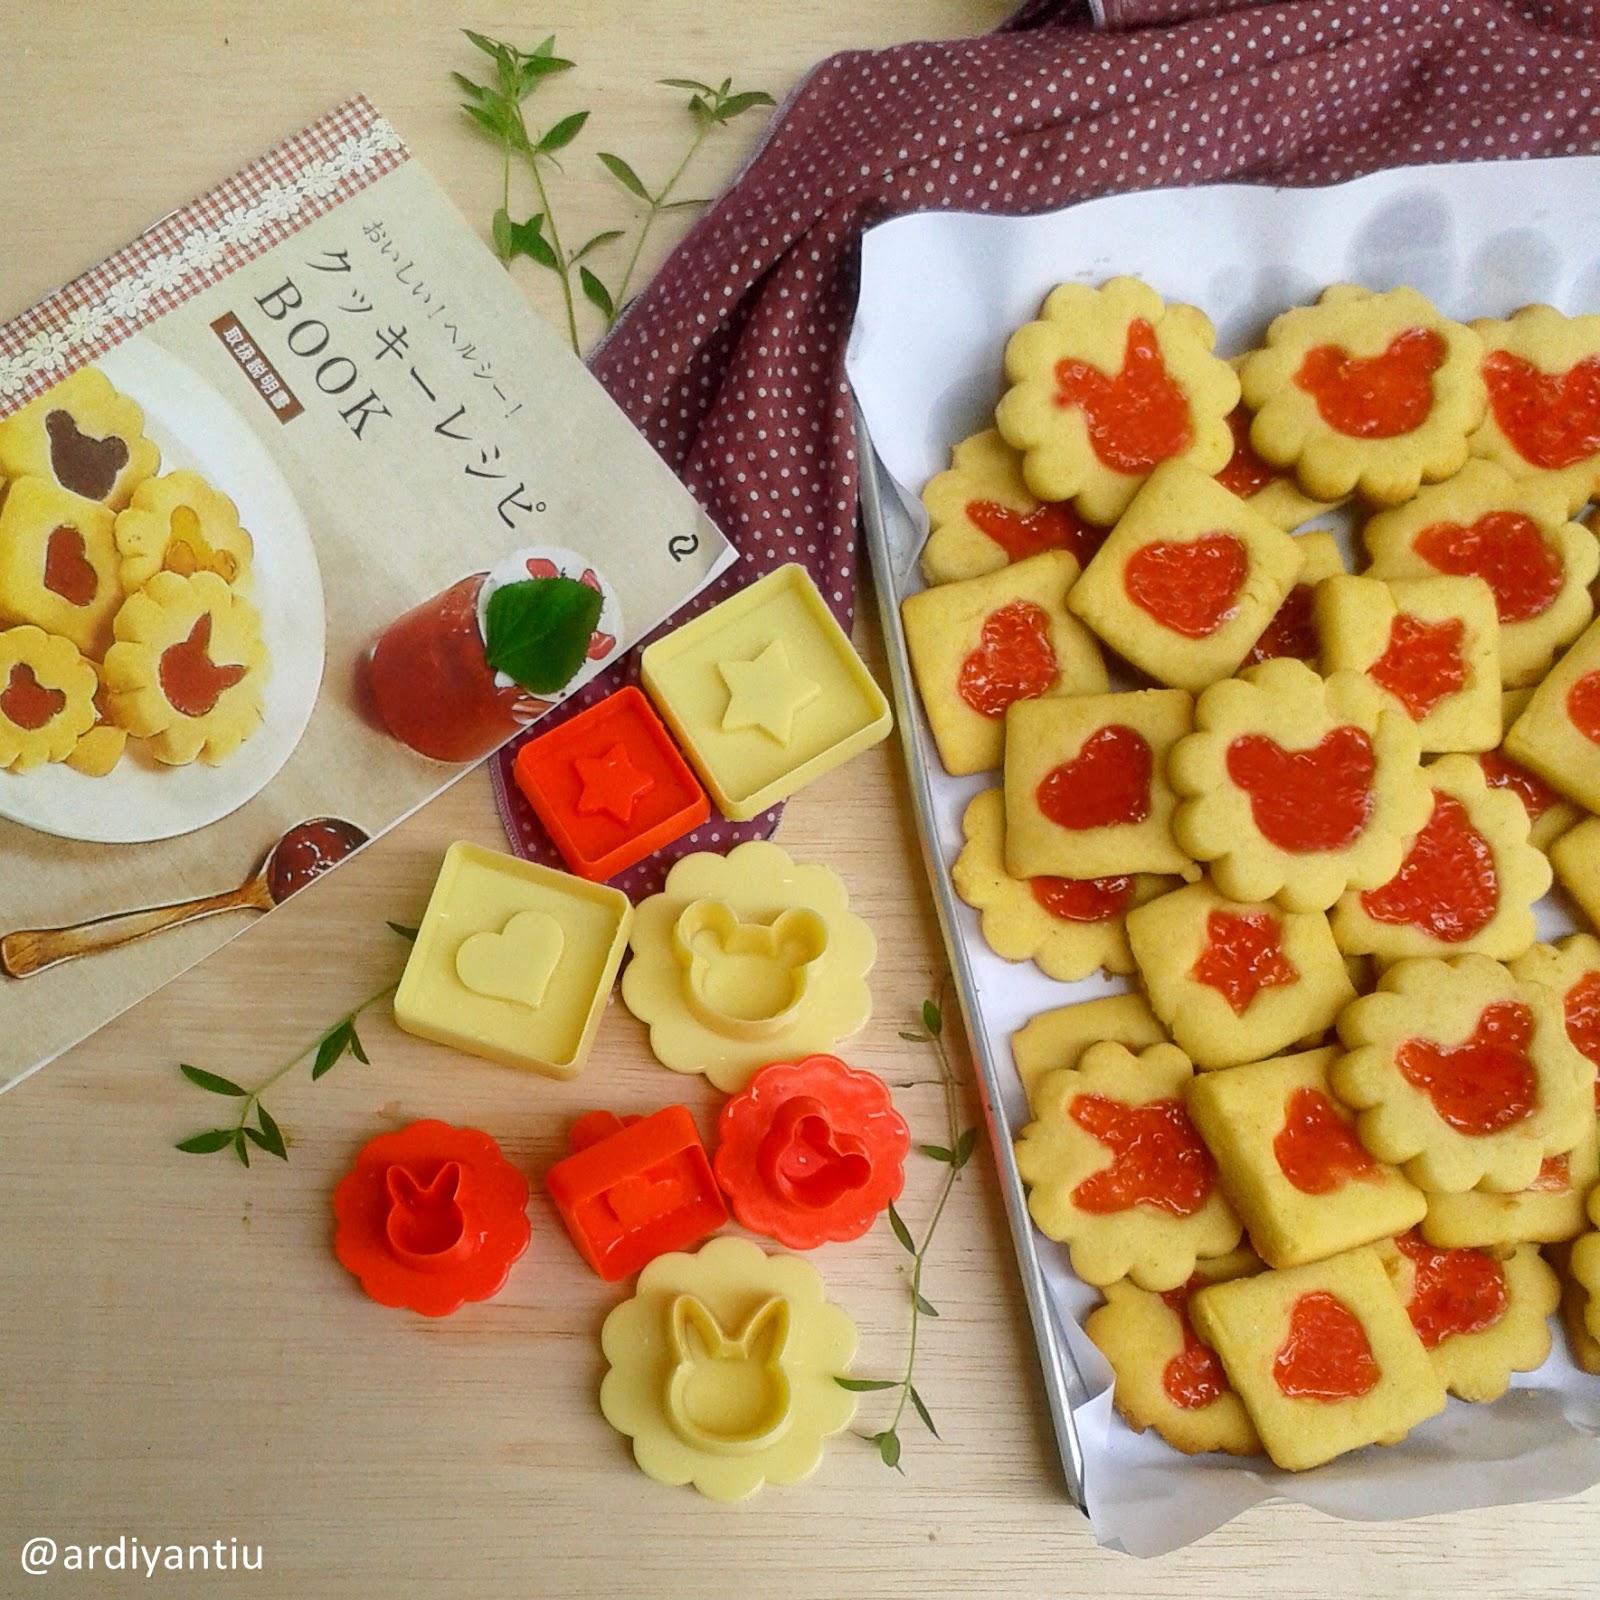 Yancakes Strawberry Jam Cookies Selai Jadi Ceritanya Dapat Kiriman Cetakan Dari Toko Online Yang Baik Hati Hehe Terus Dibuat Deh Rasanya Gurih Dan Manis